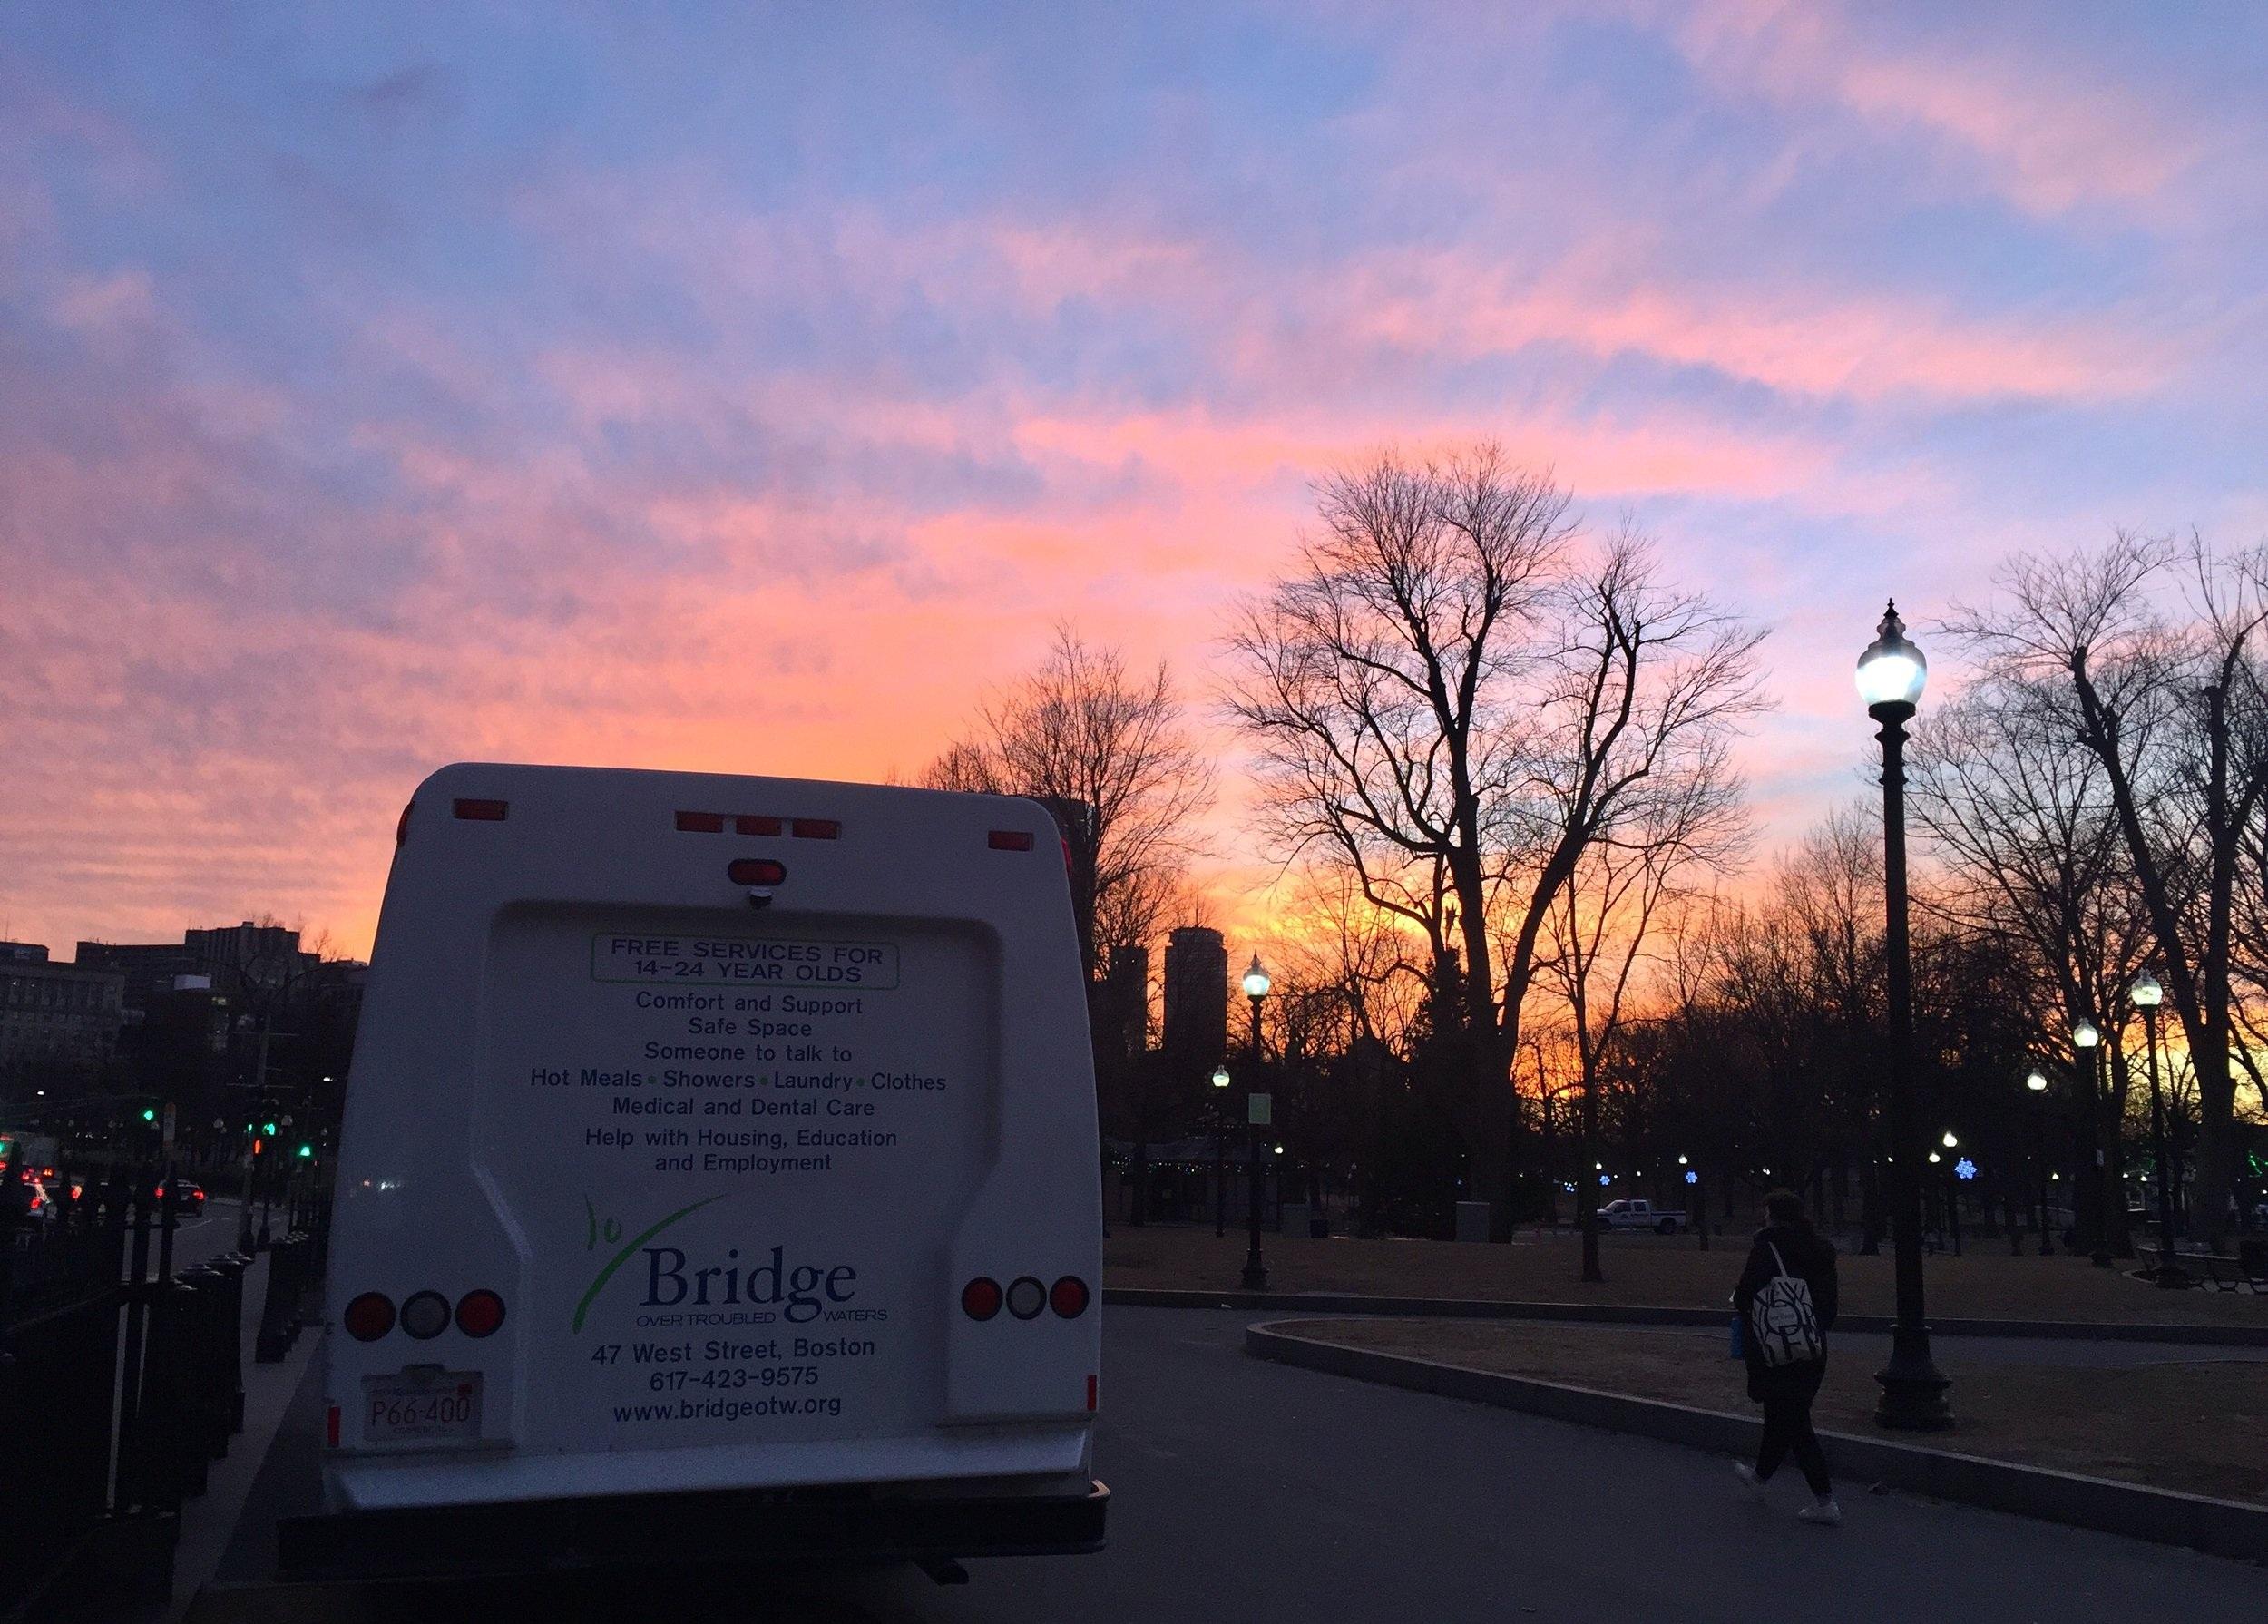 BOTW van on boston common sunset.jpeg